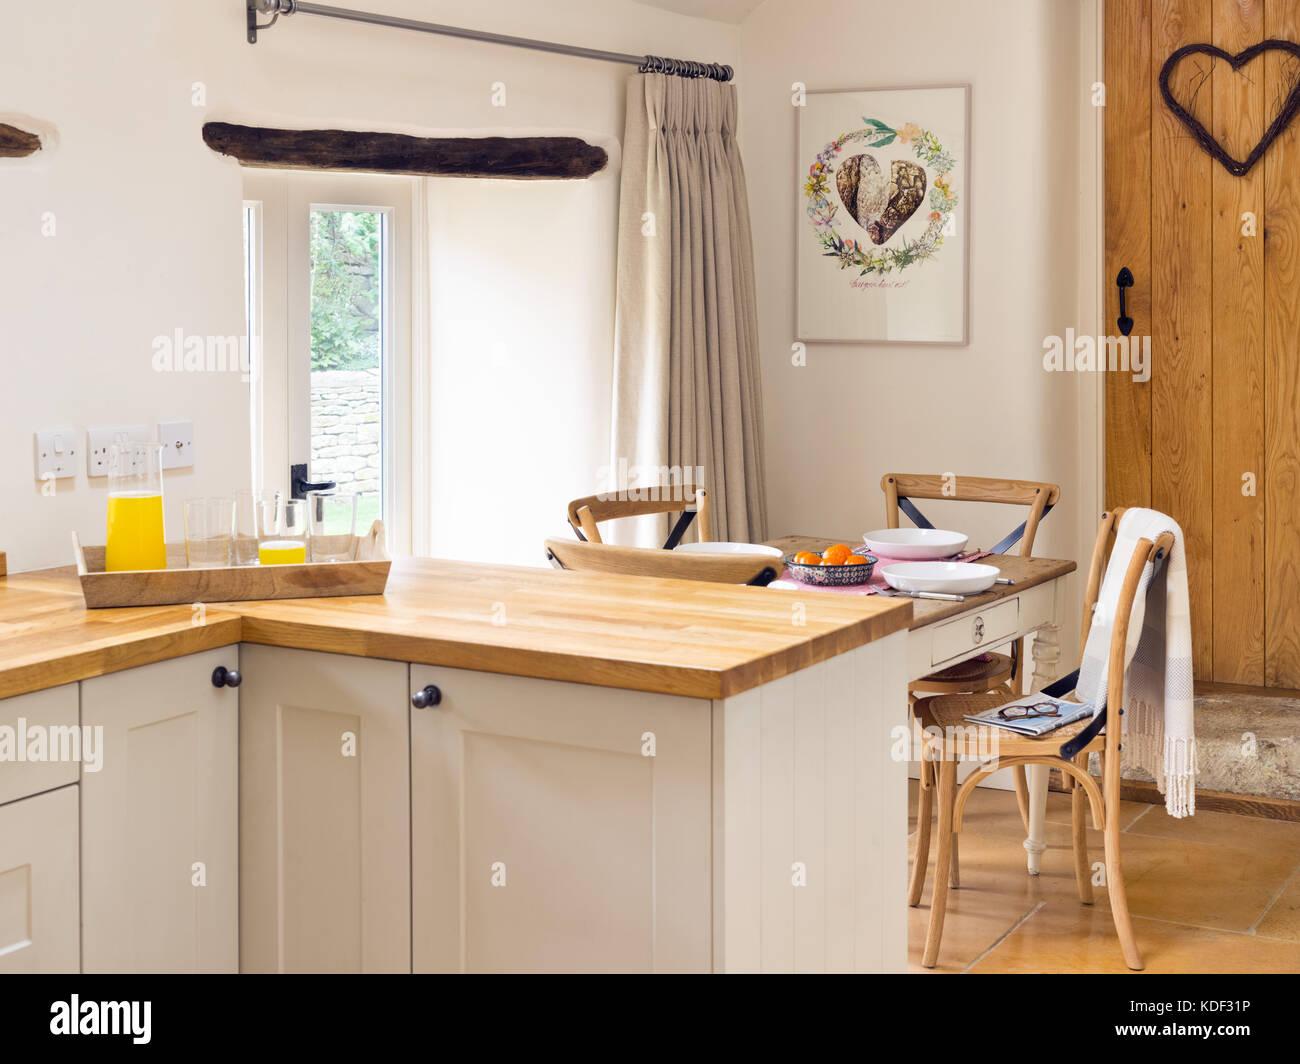 Una cucina abitabile mostrando la crema stile shaker - Armadi da cucina ...